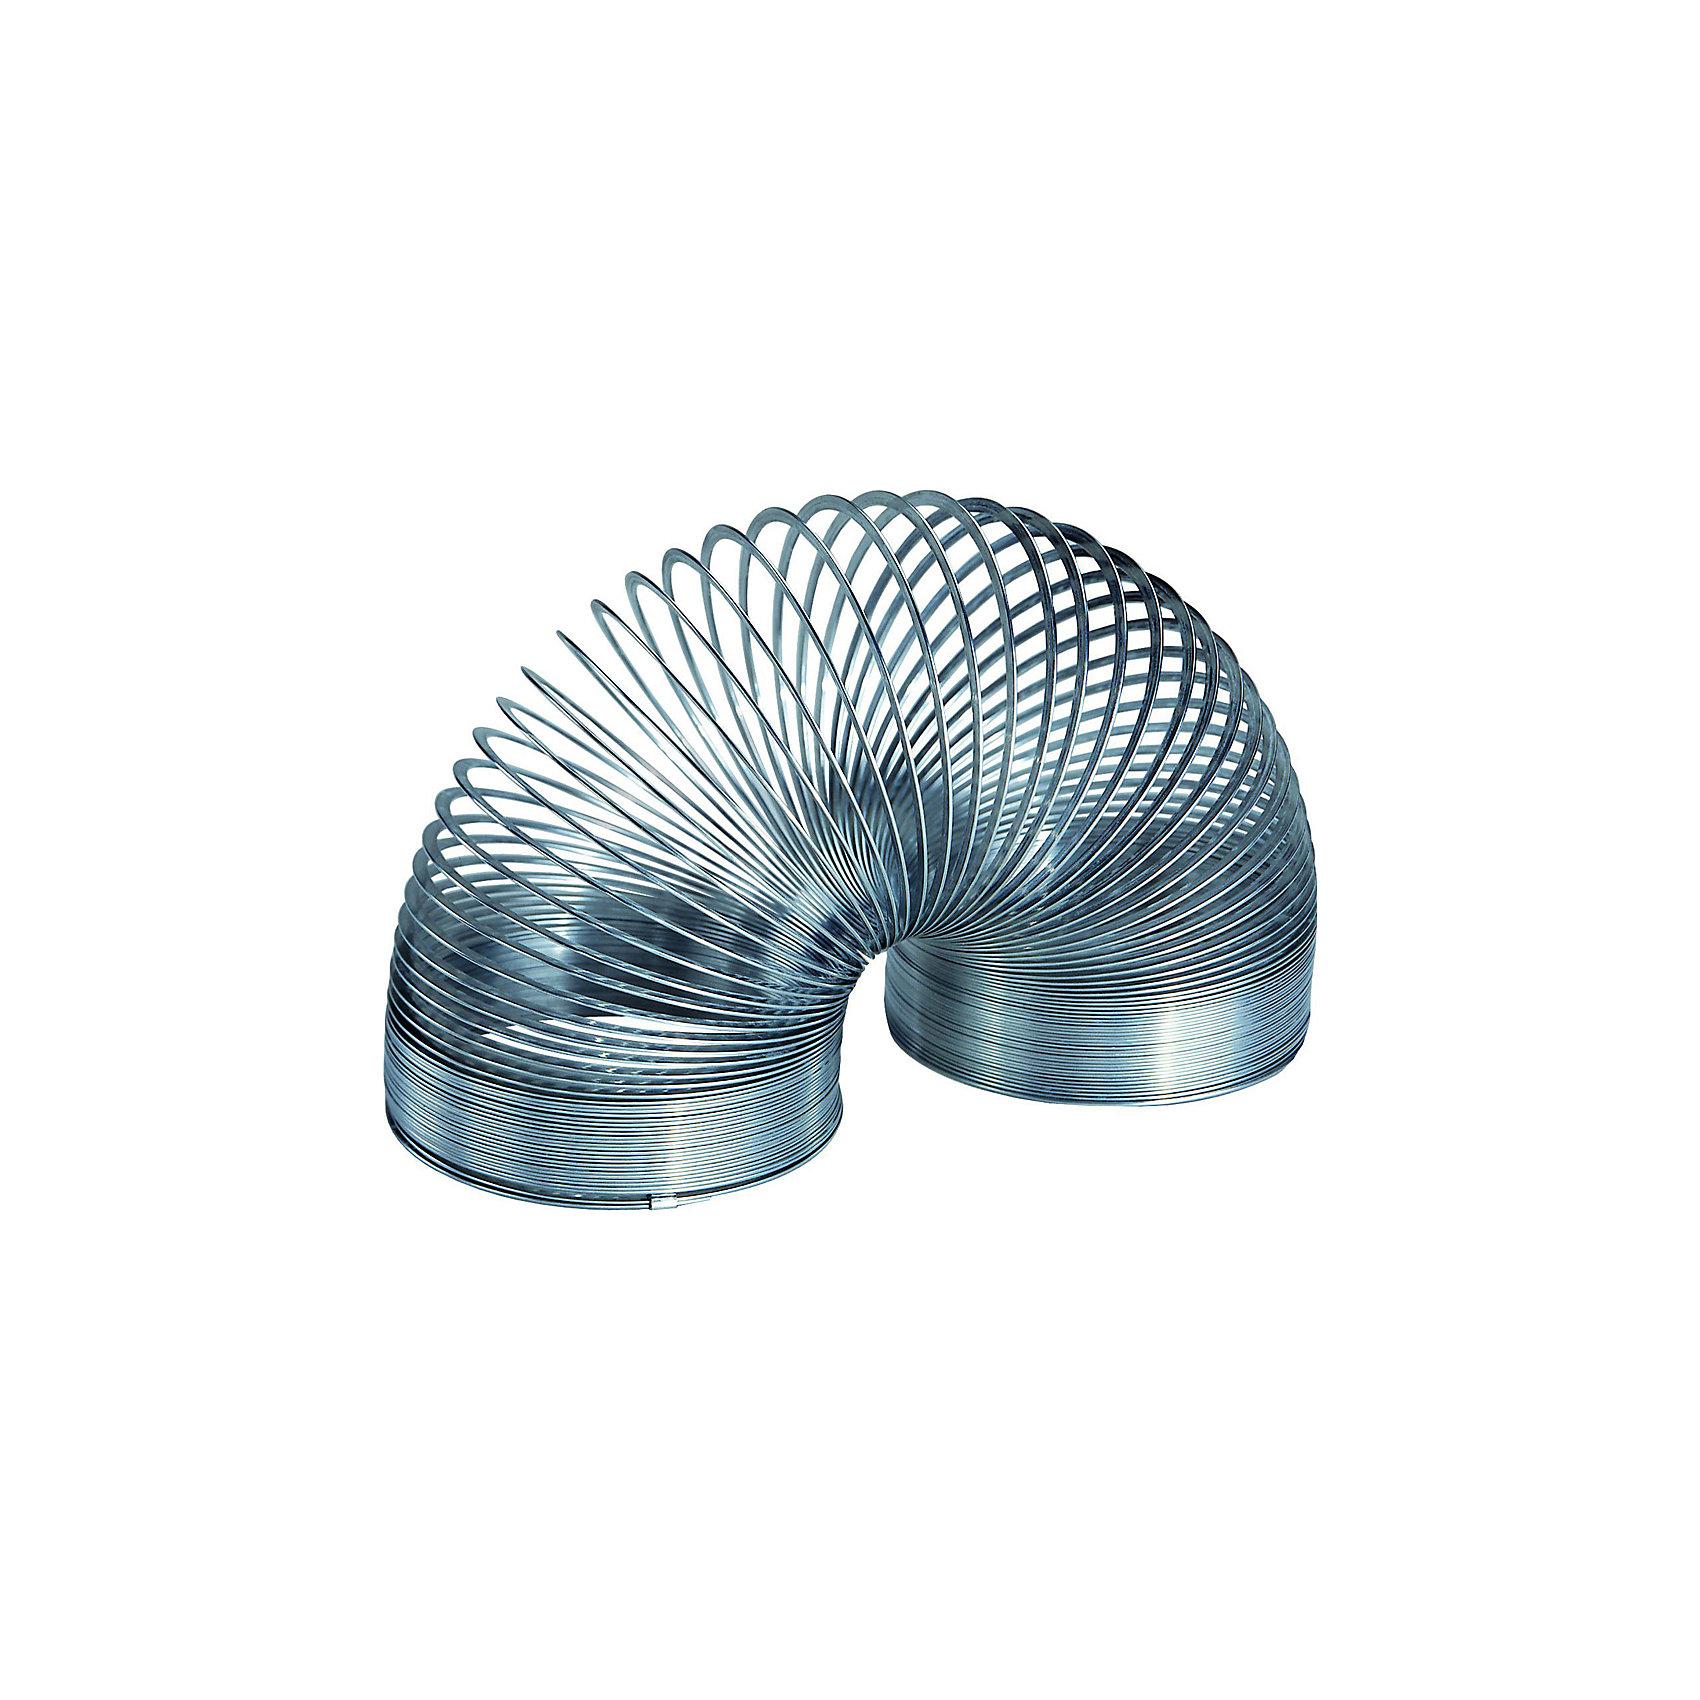 Пружинка металлическая серебрянная,SlinkyРазвивающие игрушки<br>Характеристики:<br><br>• возраст: от 3 лет;<br>• цвет: серебро;<br>• сложность игры: 1/5;<br>• материал: белая пружинная сталь;<br>• количество игроков: 1;<br>• время игры: 10 мин.;<br>• размер пружинки: 5,7х7,3 см;<br>• вес упаковки: 215 г.;<br>• тип упаковки: картонная коробка с демо-окошком;<br>• размер упаковки: 3х3,5х7 см.<br>  <br>Металлическая пружинка «Слинки Ориджинал» - классическая игрушка для мальчиков и девочек.<br><br>Специальный плоский профиль витков обеспечивает плавный и мягкий эффект перекатывания исключает возможность случайного запутывания во время игры. Эта пружинка «шагает» по лестнице, благодаря большему весу и упругости по сравнению с пластиковыми Slinky.<br><br>Пружинку металлическую, Slinky можно приобрести в нашем интернет-магазине.<br><br>Ширина мм: 77<br>Глубина мм: 77<br>Высота мм: 60<br>Вес г: 350<br>Возраст от месяцев: 60<br>Возраст до месяцев: 2147483647<br>Пол: Унисекс<br>Возраст: Детский<br>SKU: 7028999